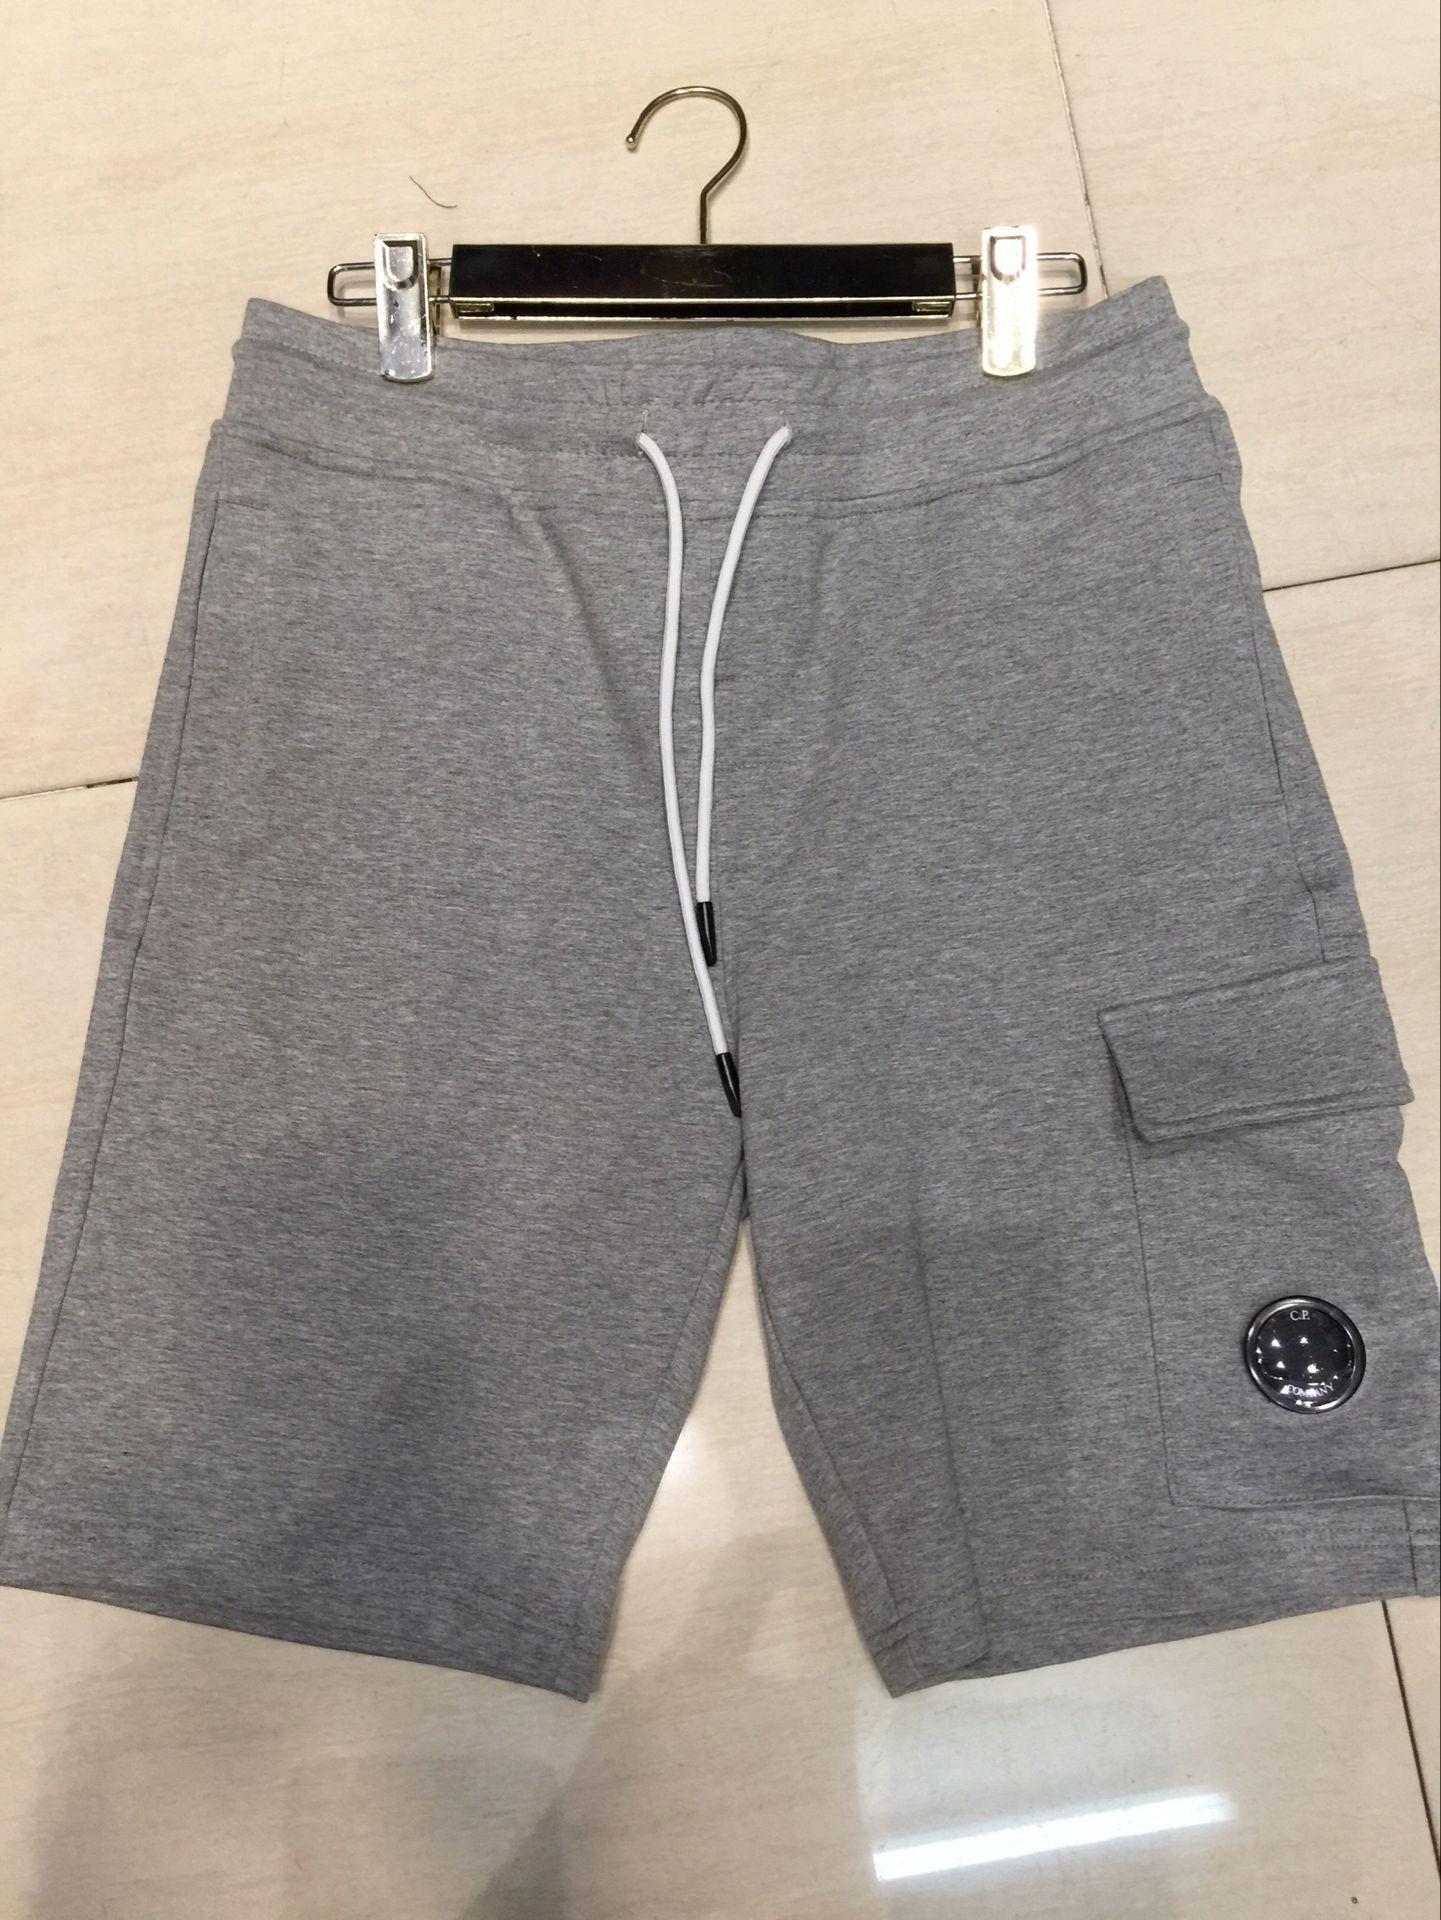 Männer Casual Shorts Lose CPAgarment gefärbte Shorts Sports Laufen Shorts Baumwollhosen